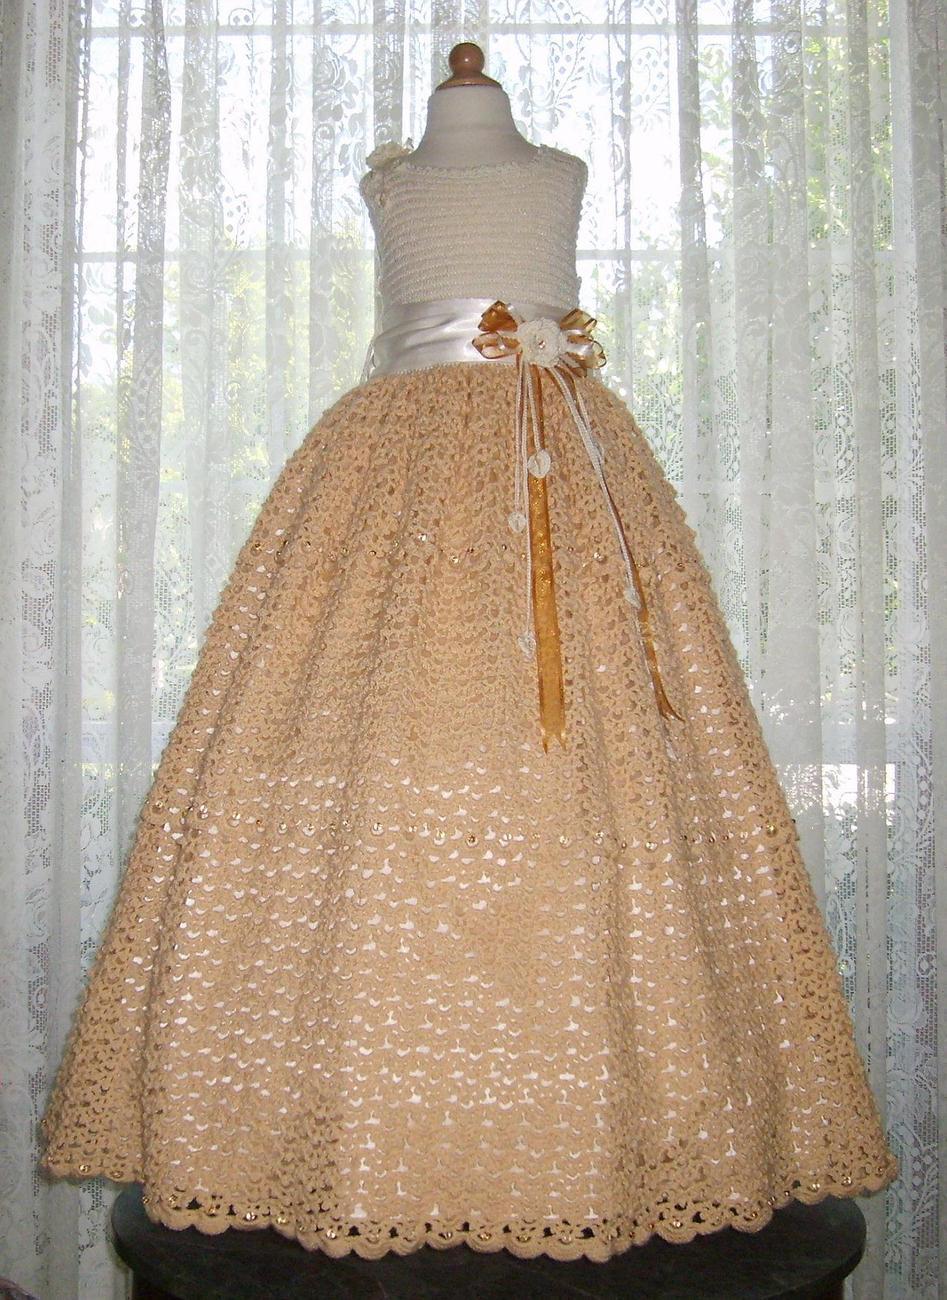 Crochet Pattern For Flower Girl Dress : Children Special Occasion Dresses Crochet PDF e Pattern ...